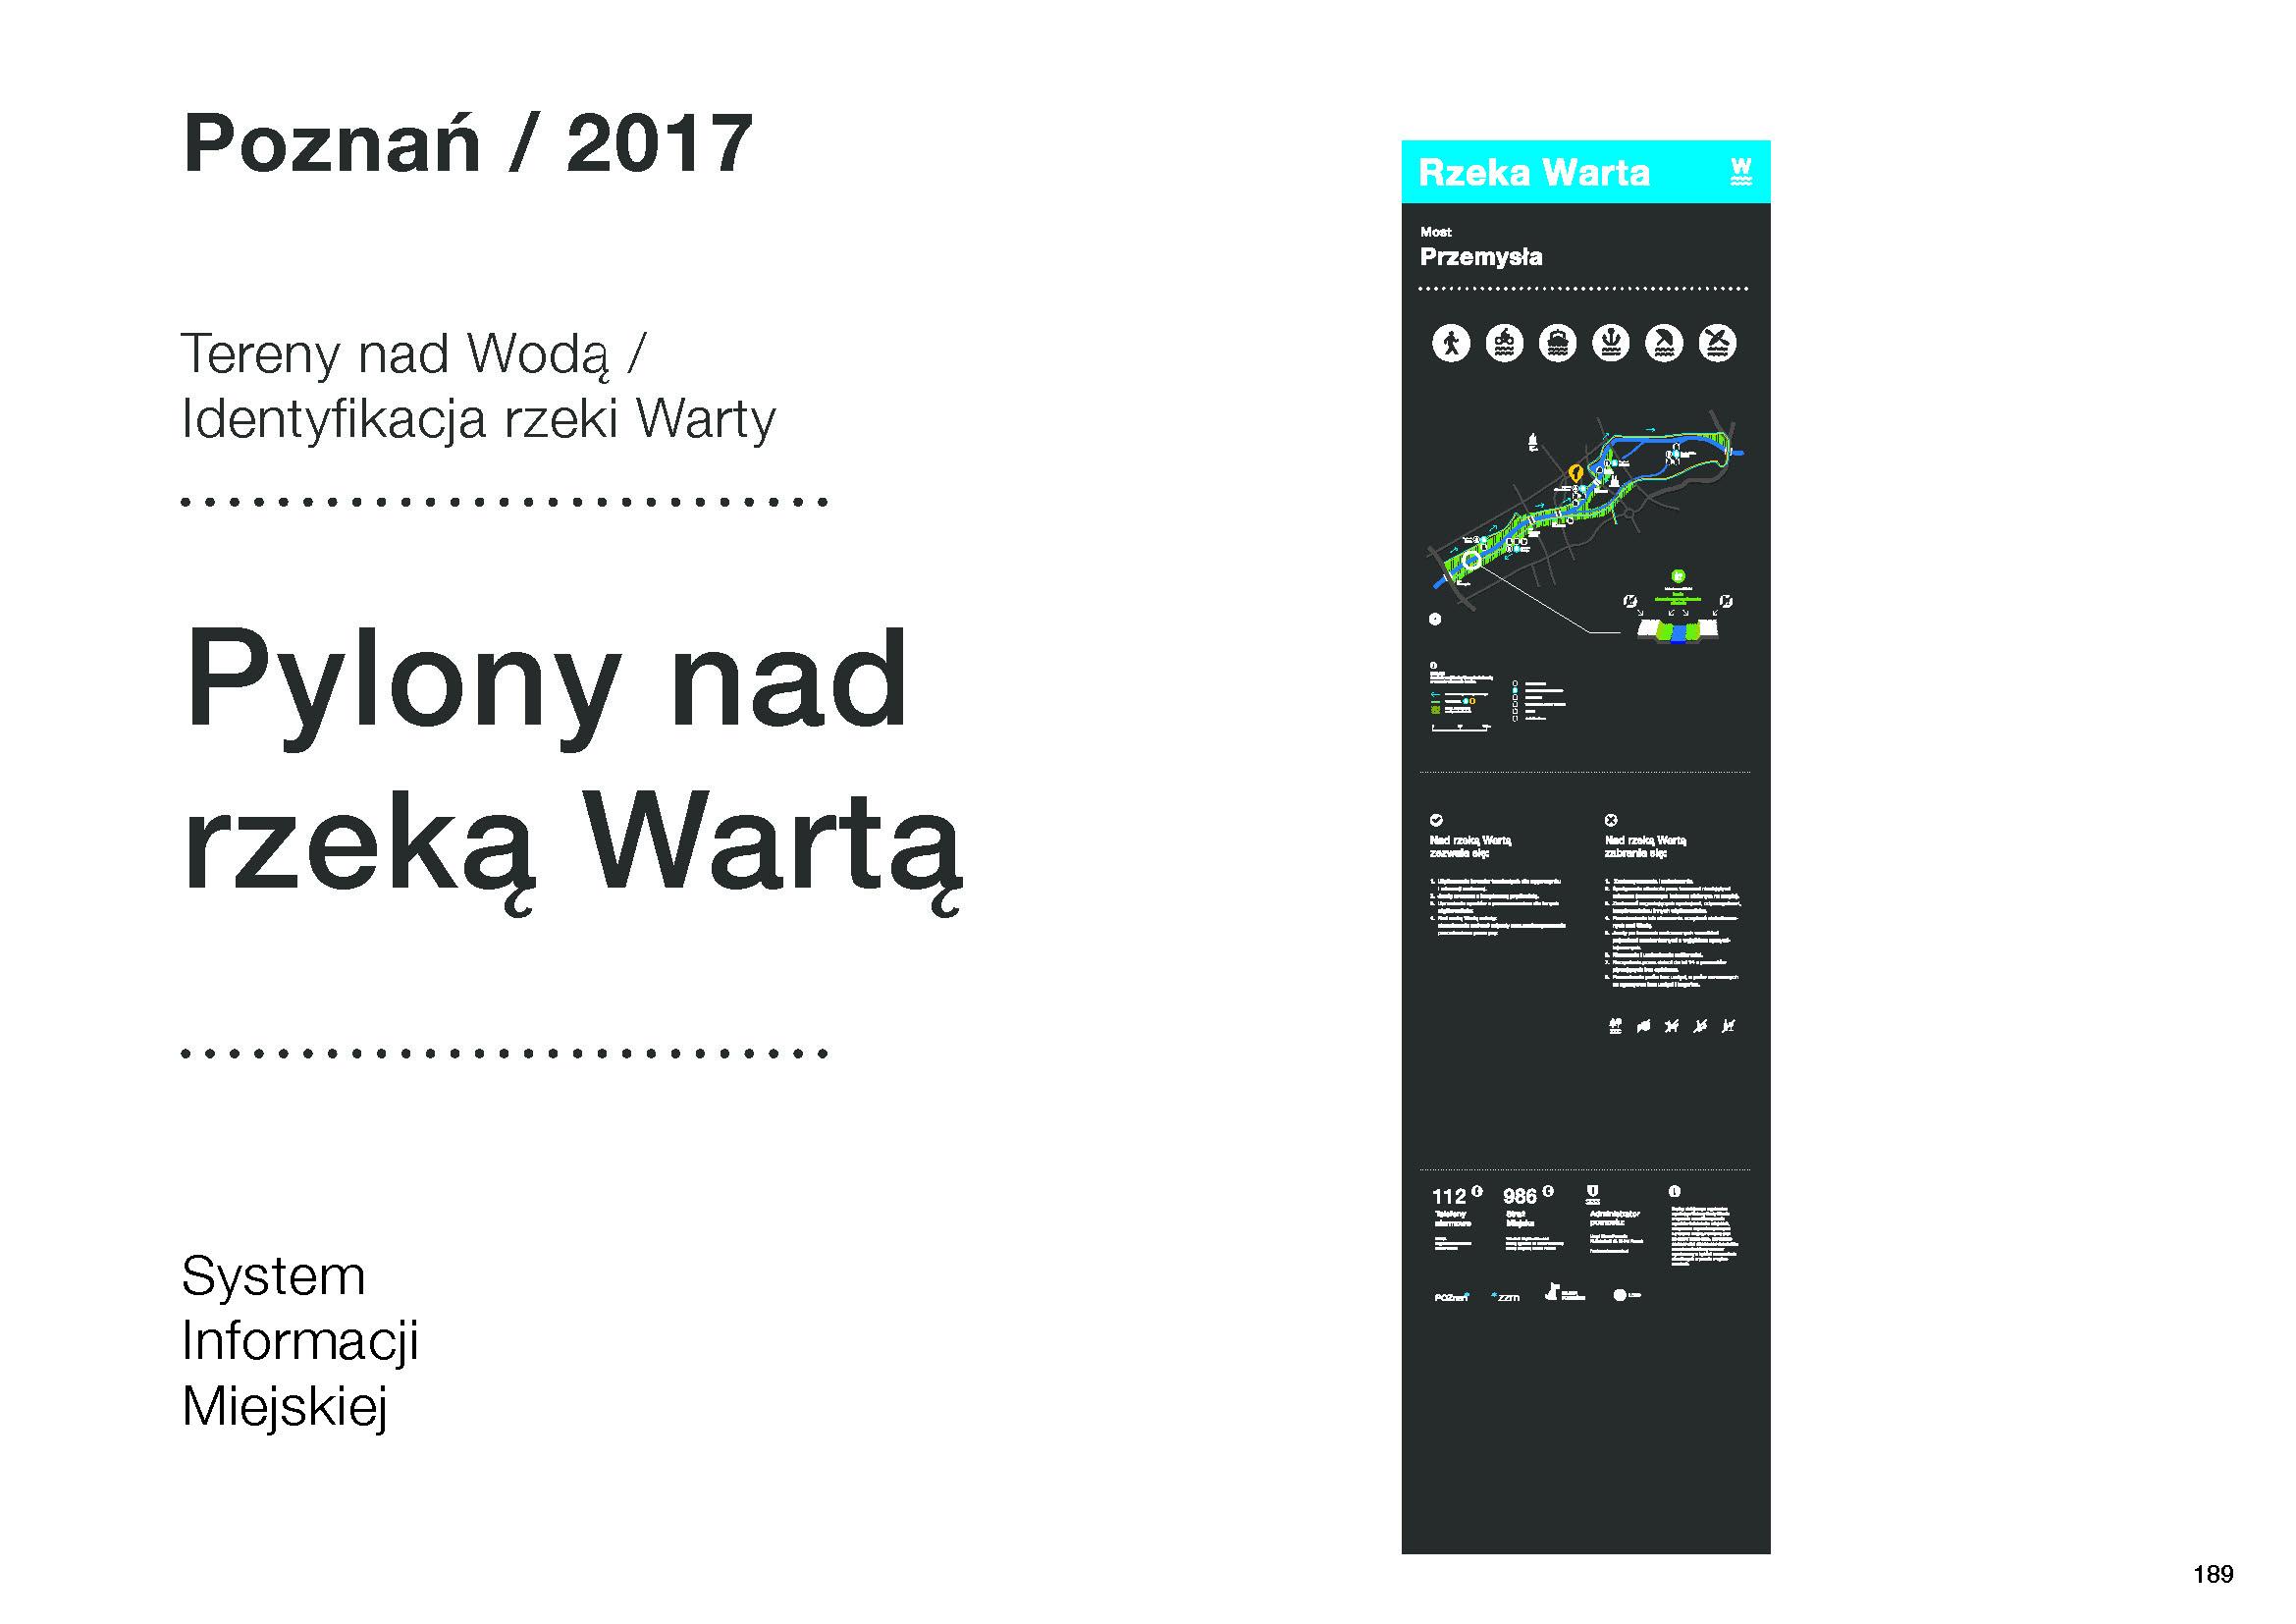 Poznań System Informacji Miejskiej (5)  Foto: